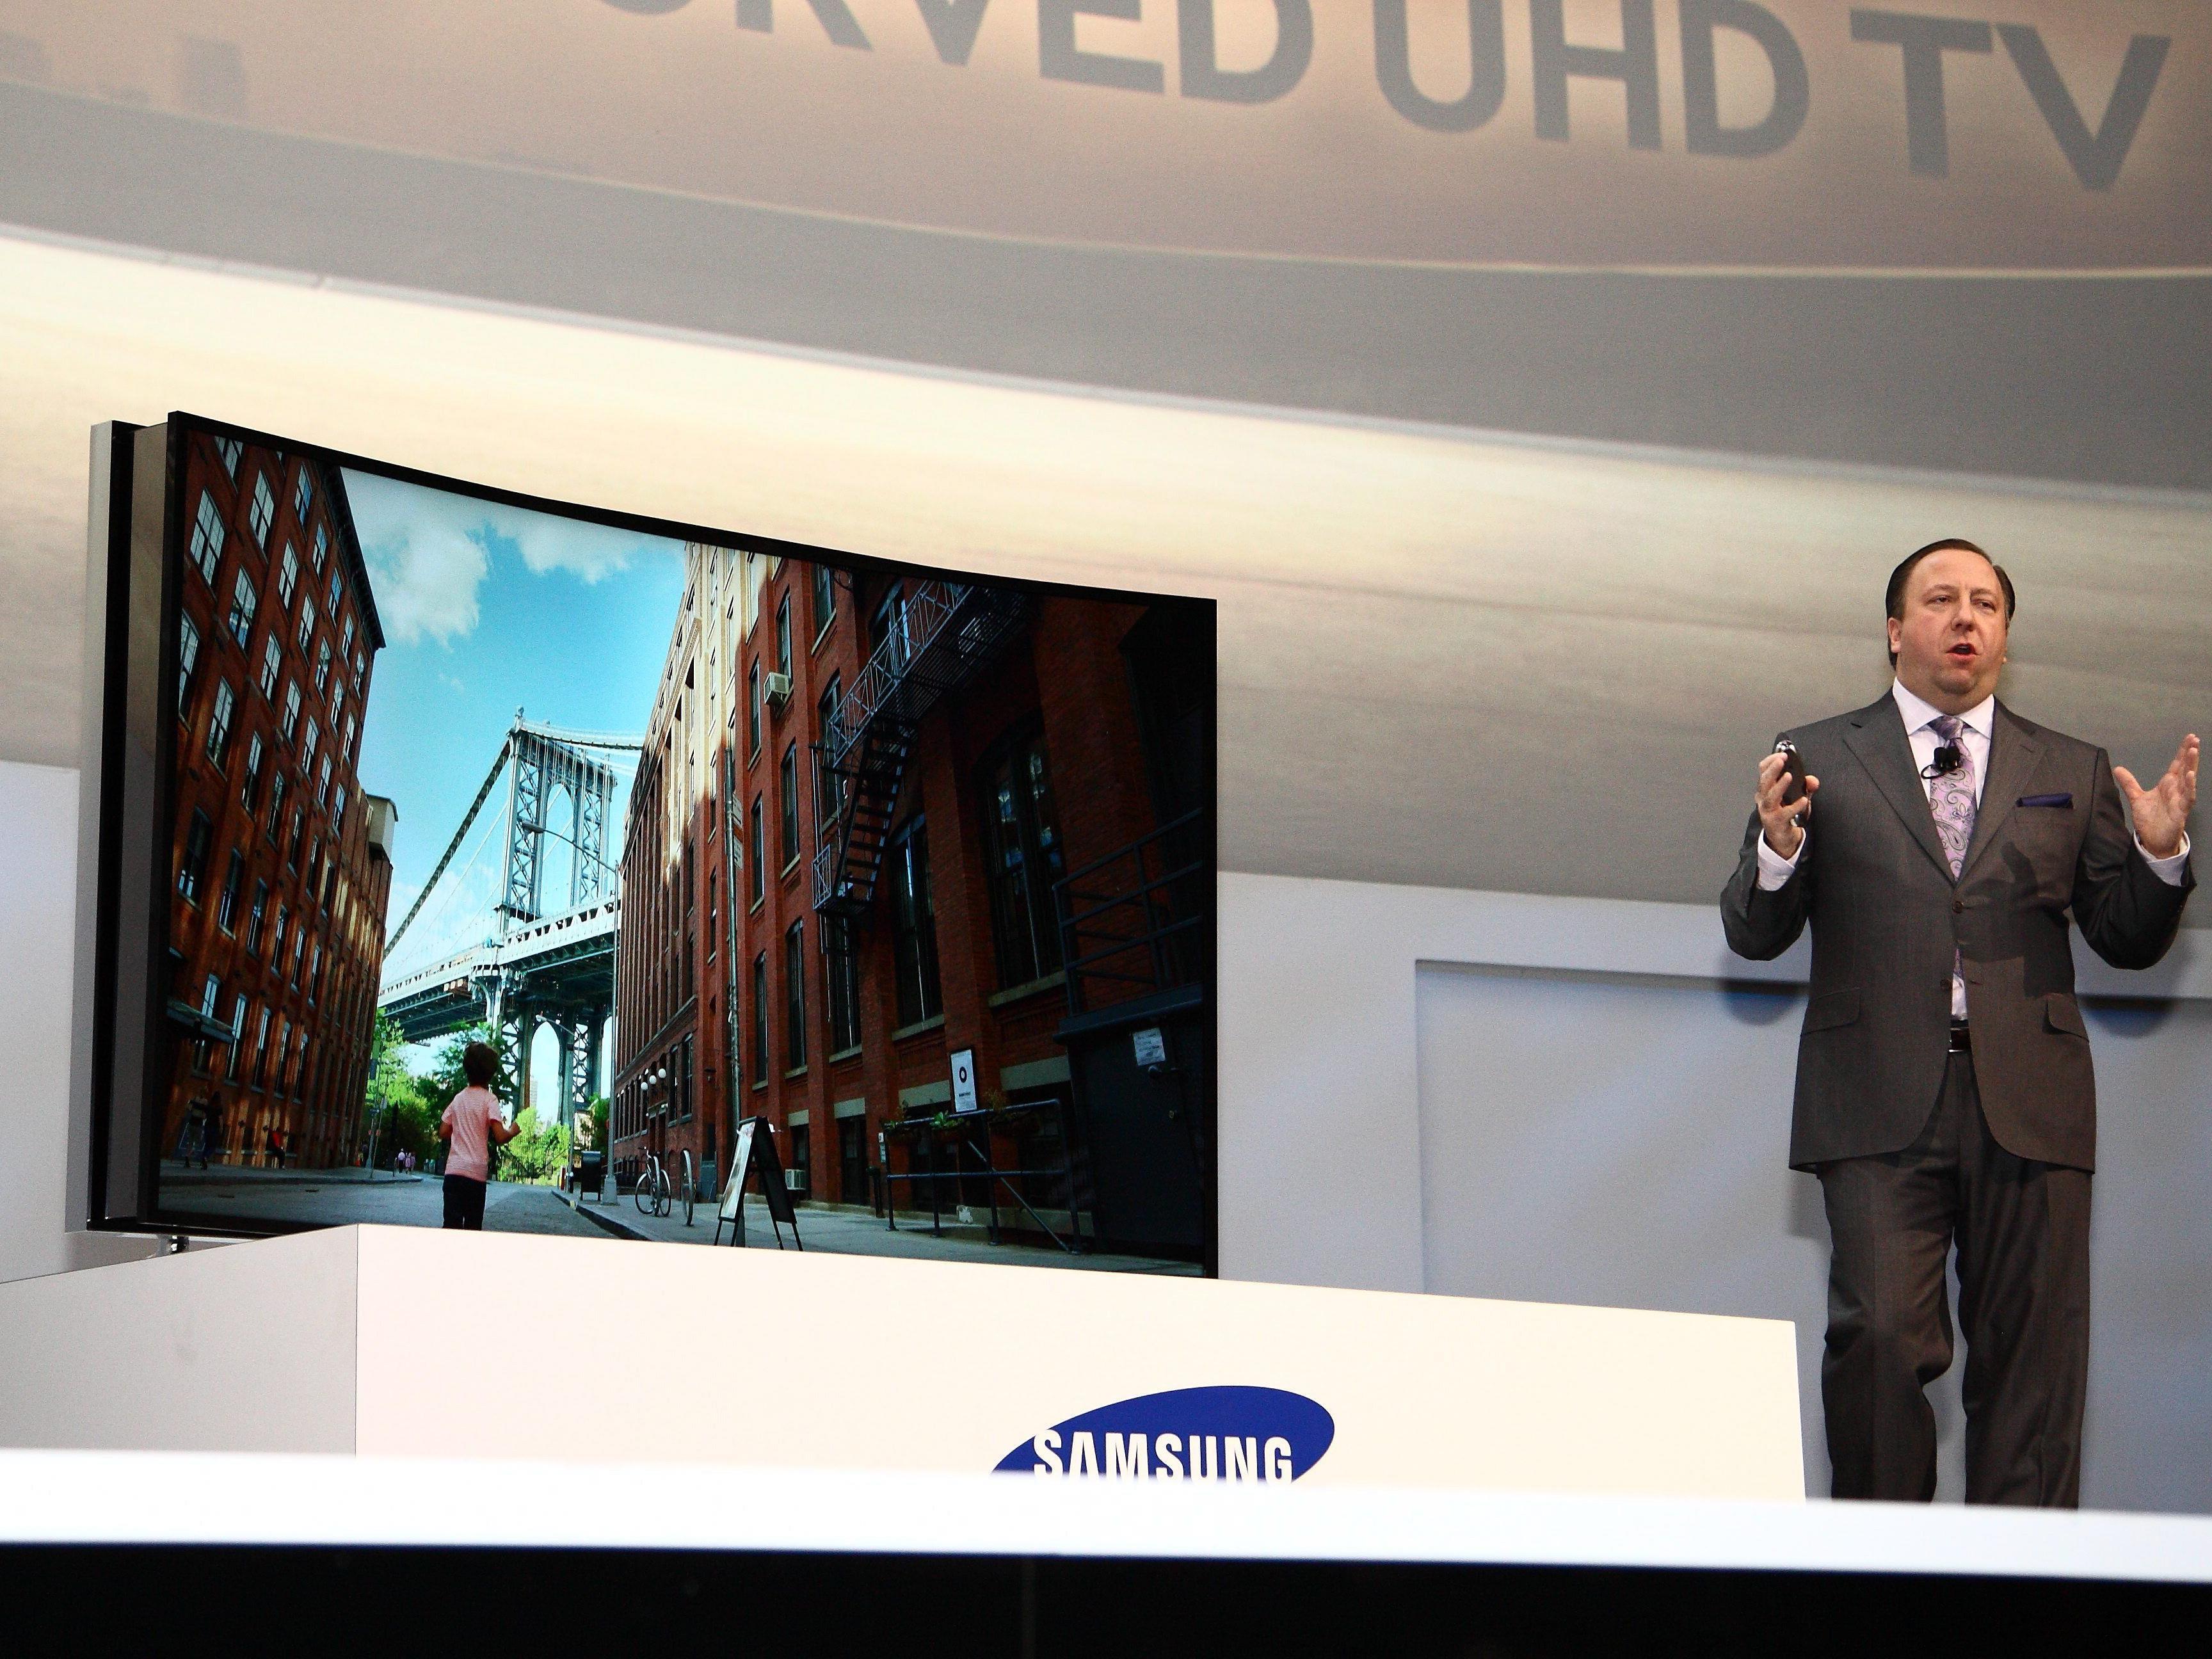 Auf der Elektronikmesse CES in Las Vegas wurden Prototypen neuer Flachbildfernseher vorgestellt.